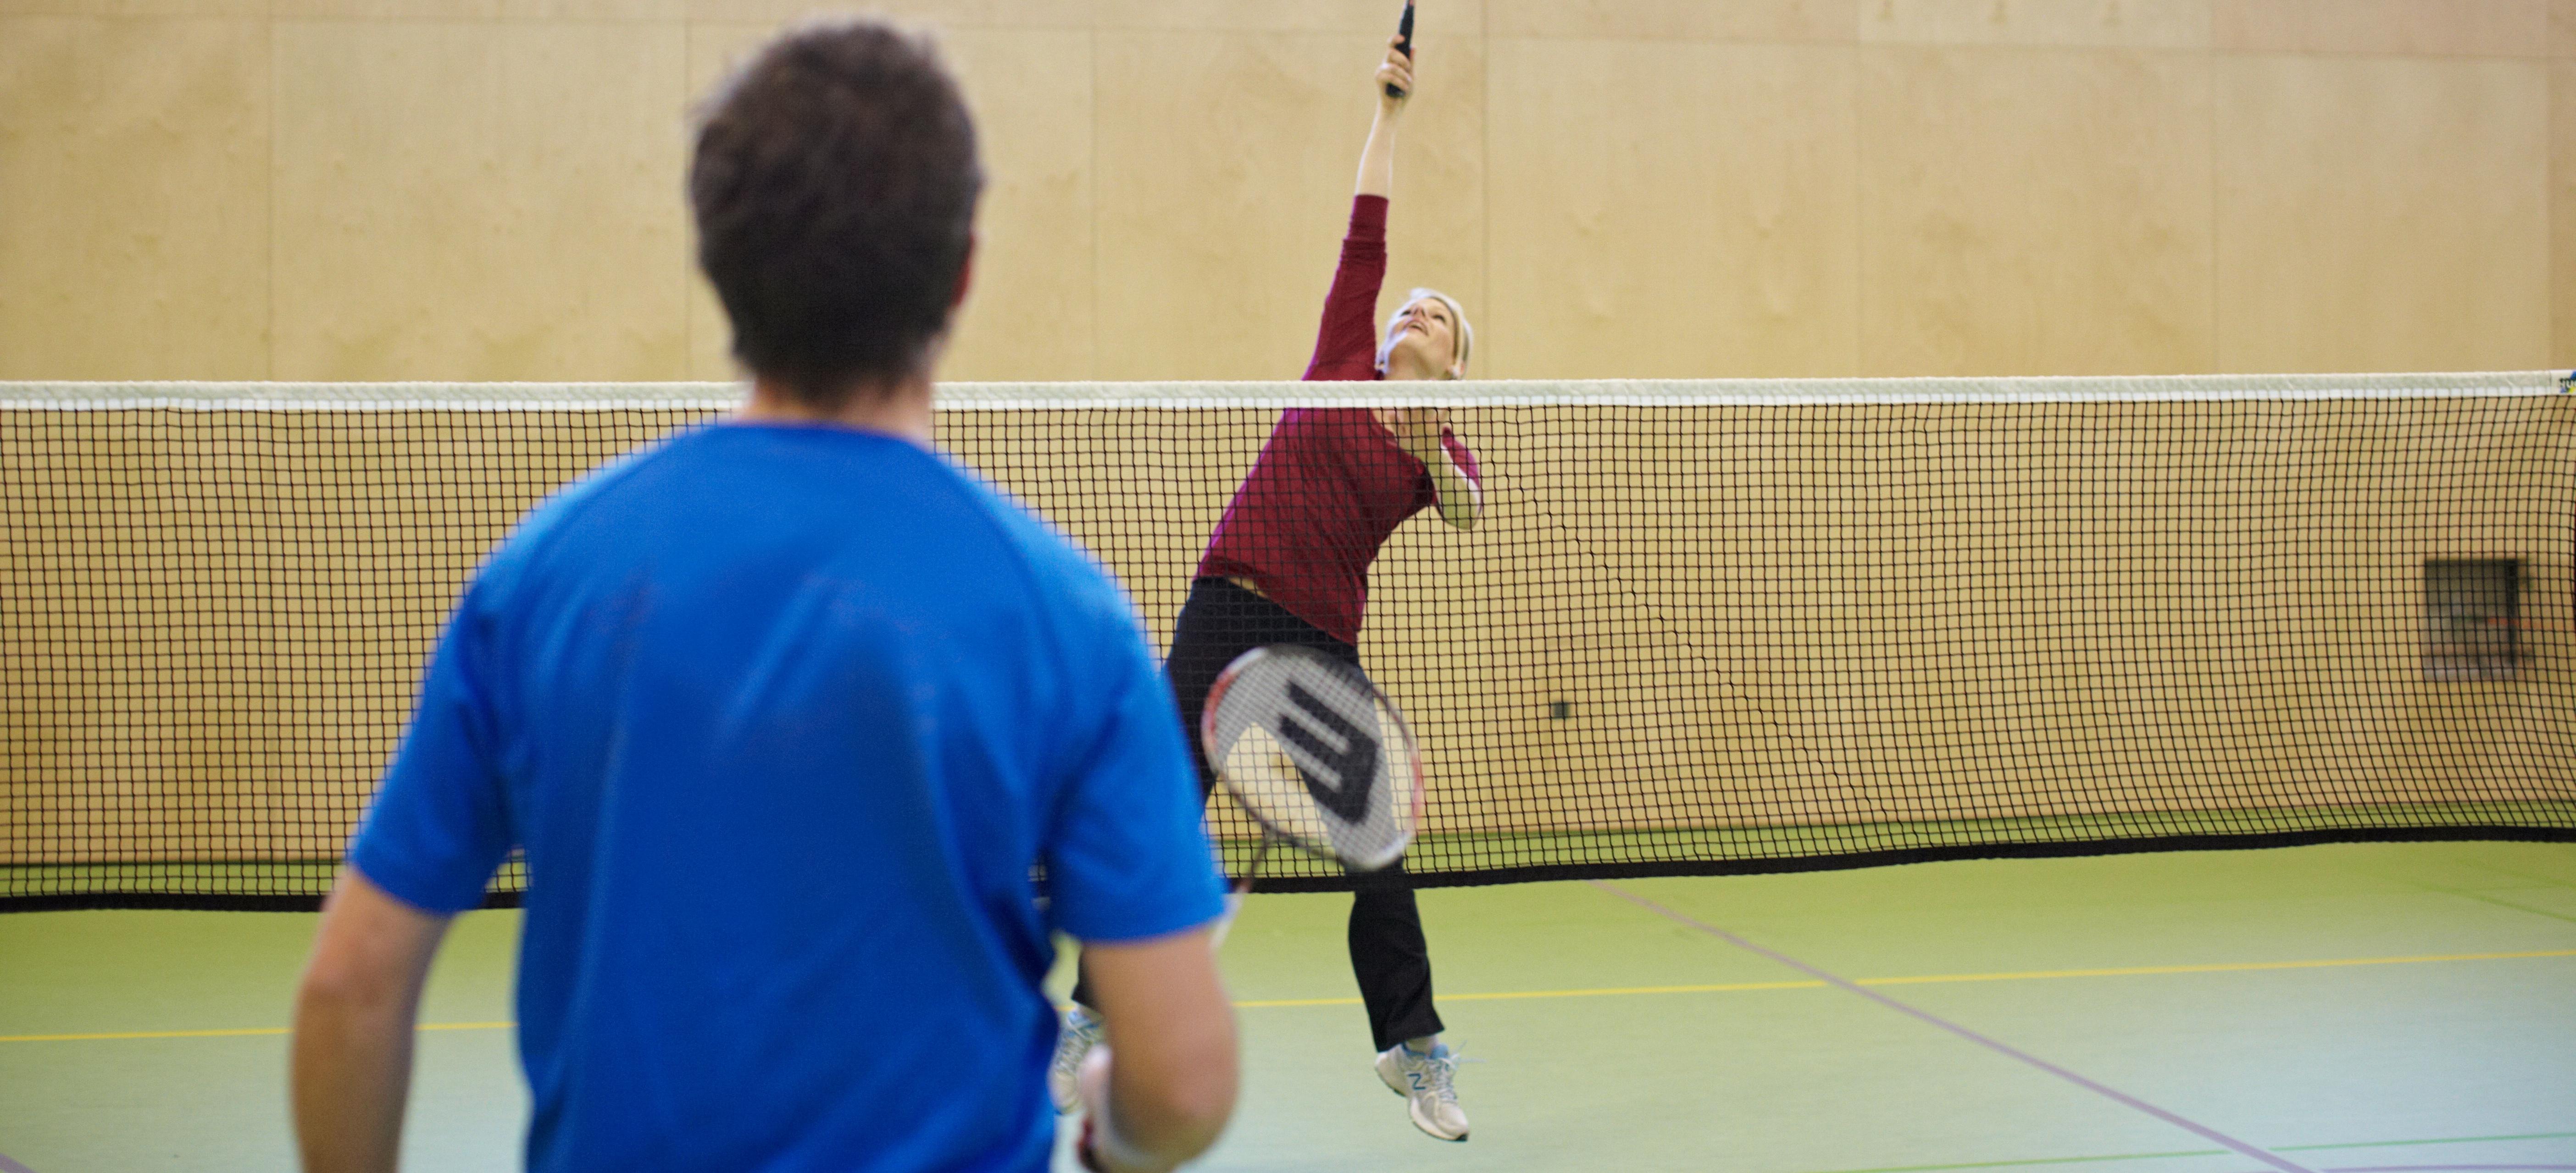 badmintonsquash